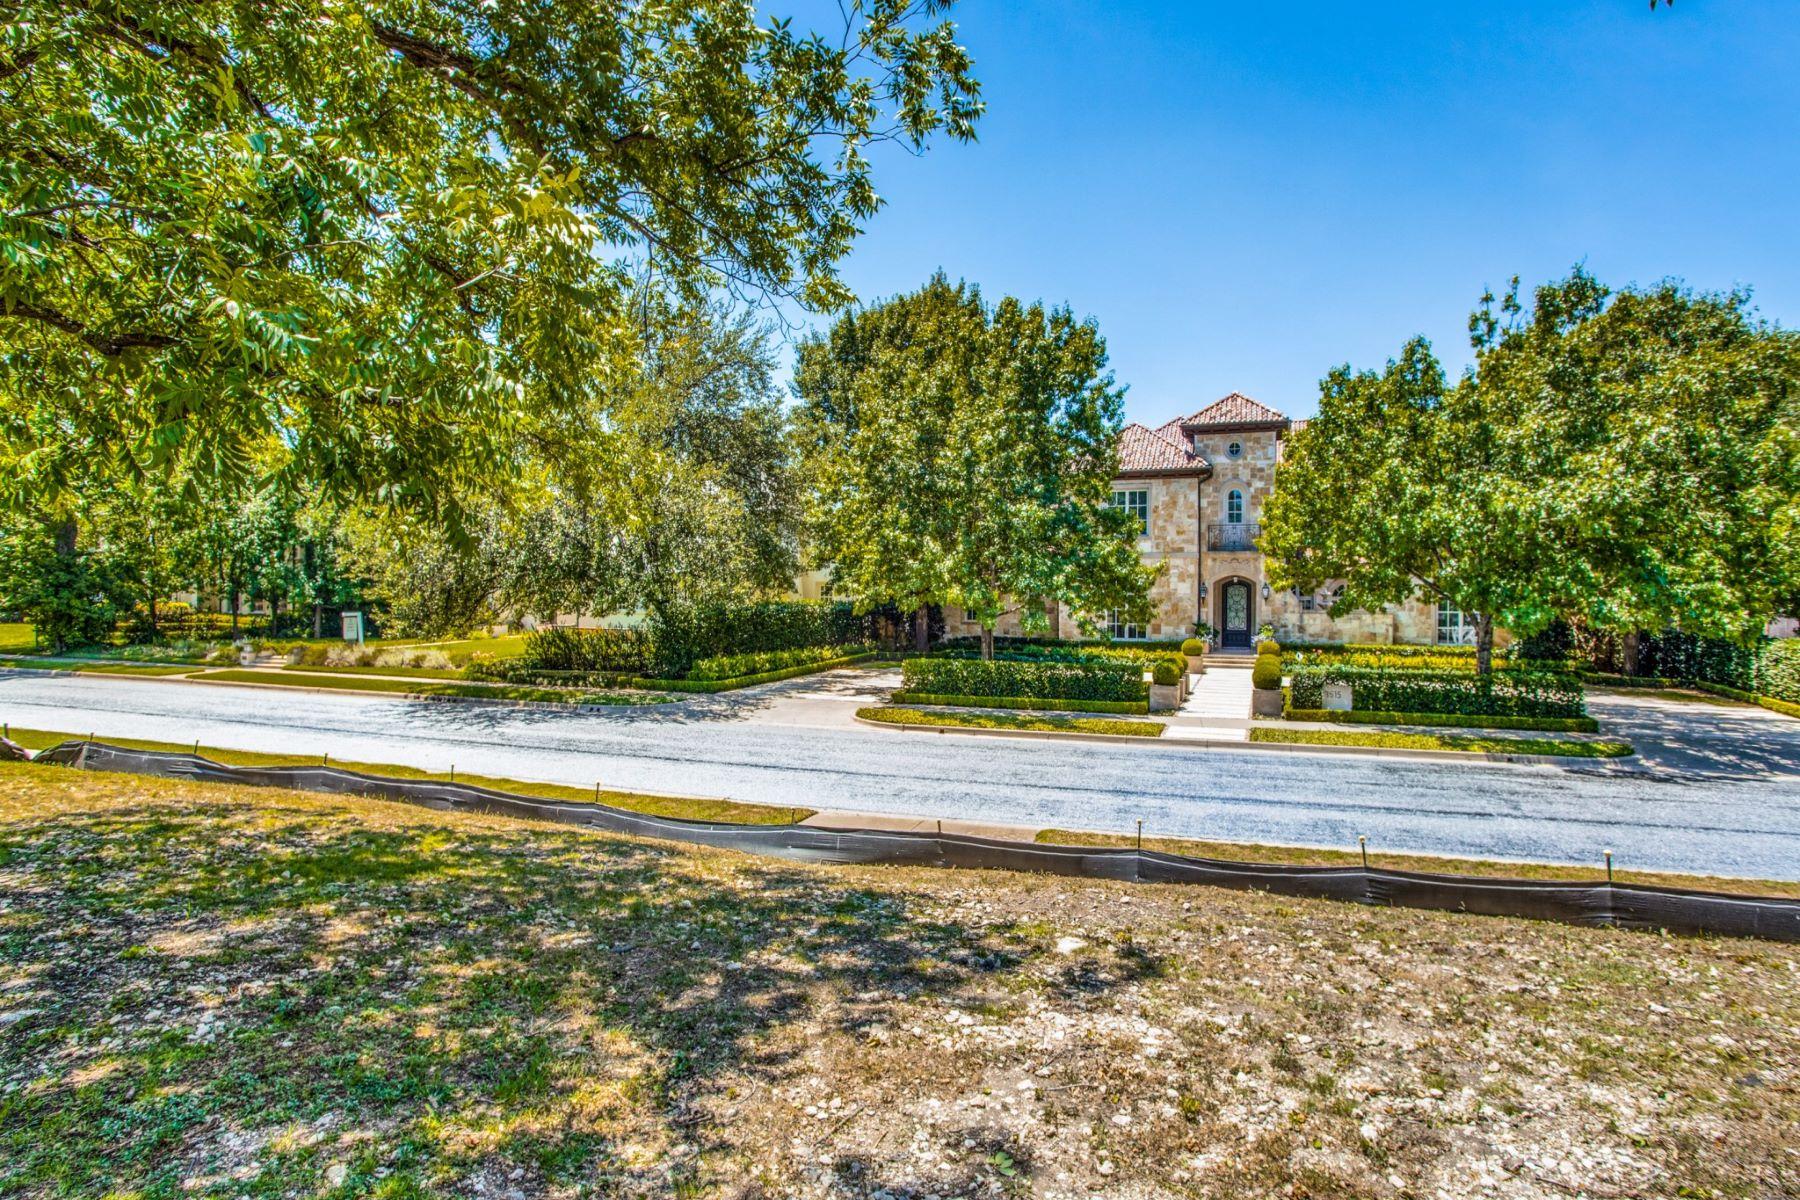 Land for Sale at Old Highland Park Corner Lot 3512 Crescent Avenue Highland Park, Texas 75205 United States